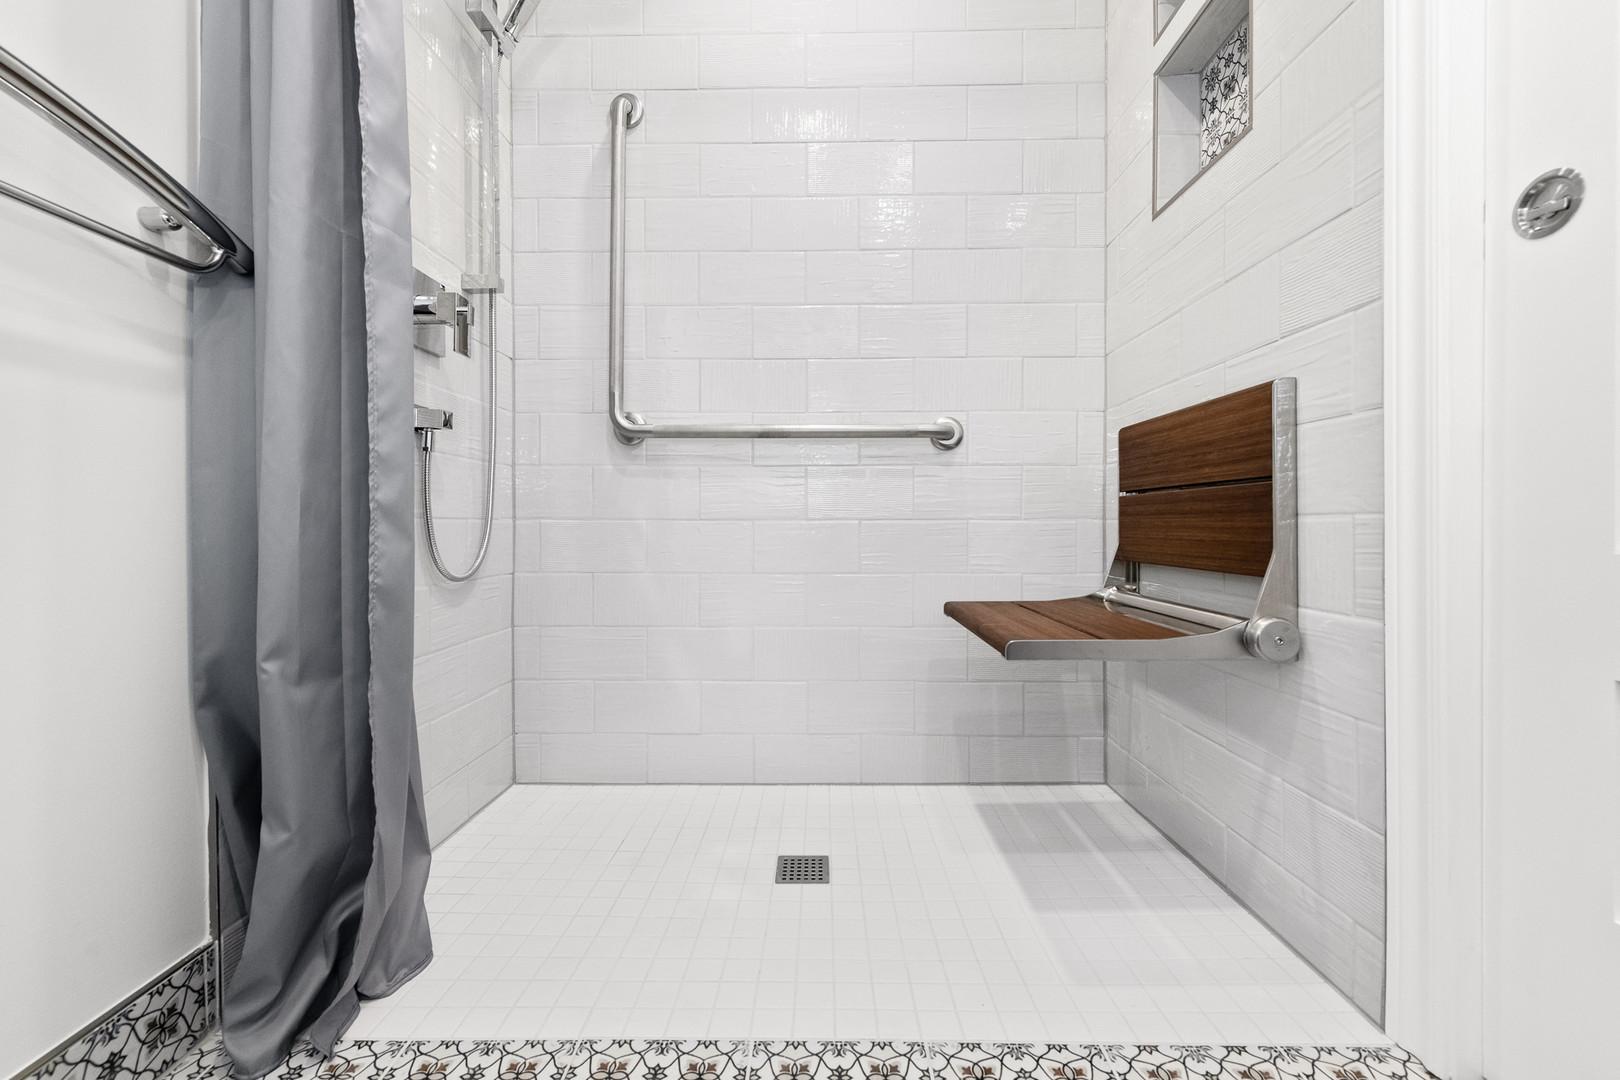 powder room to accessible bathroom